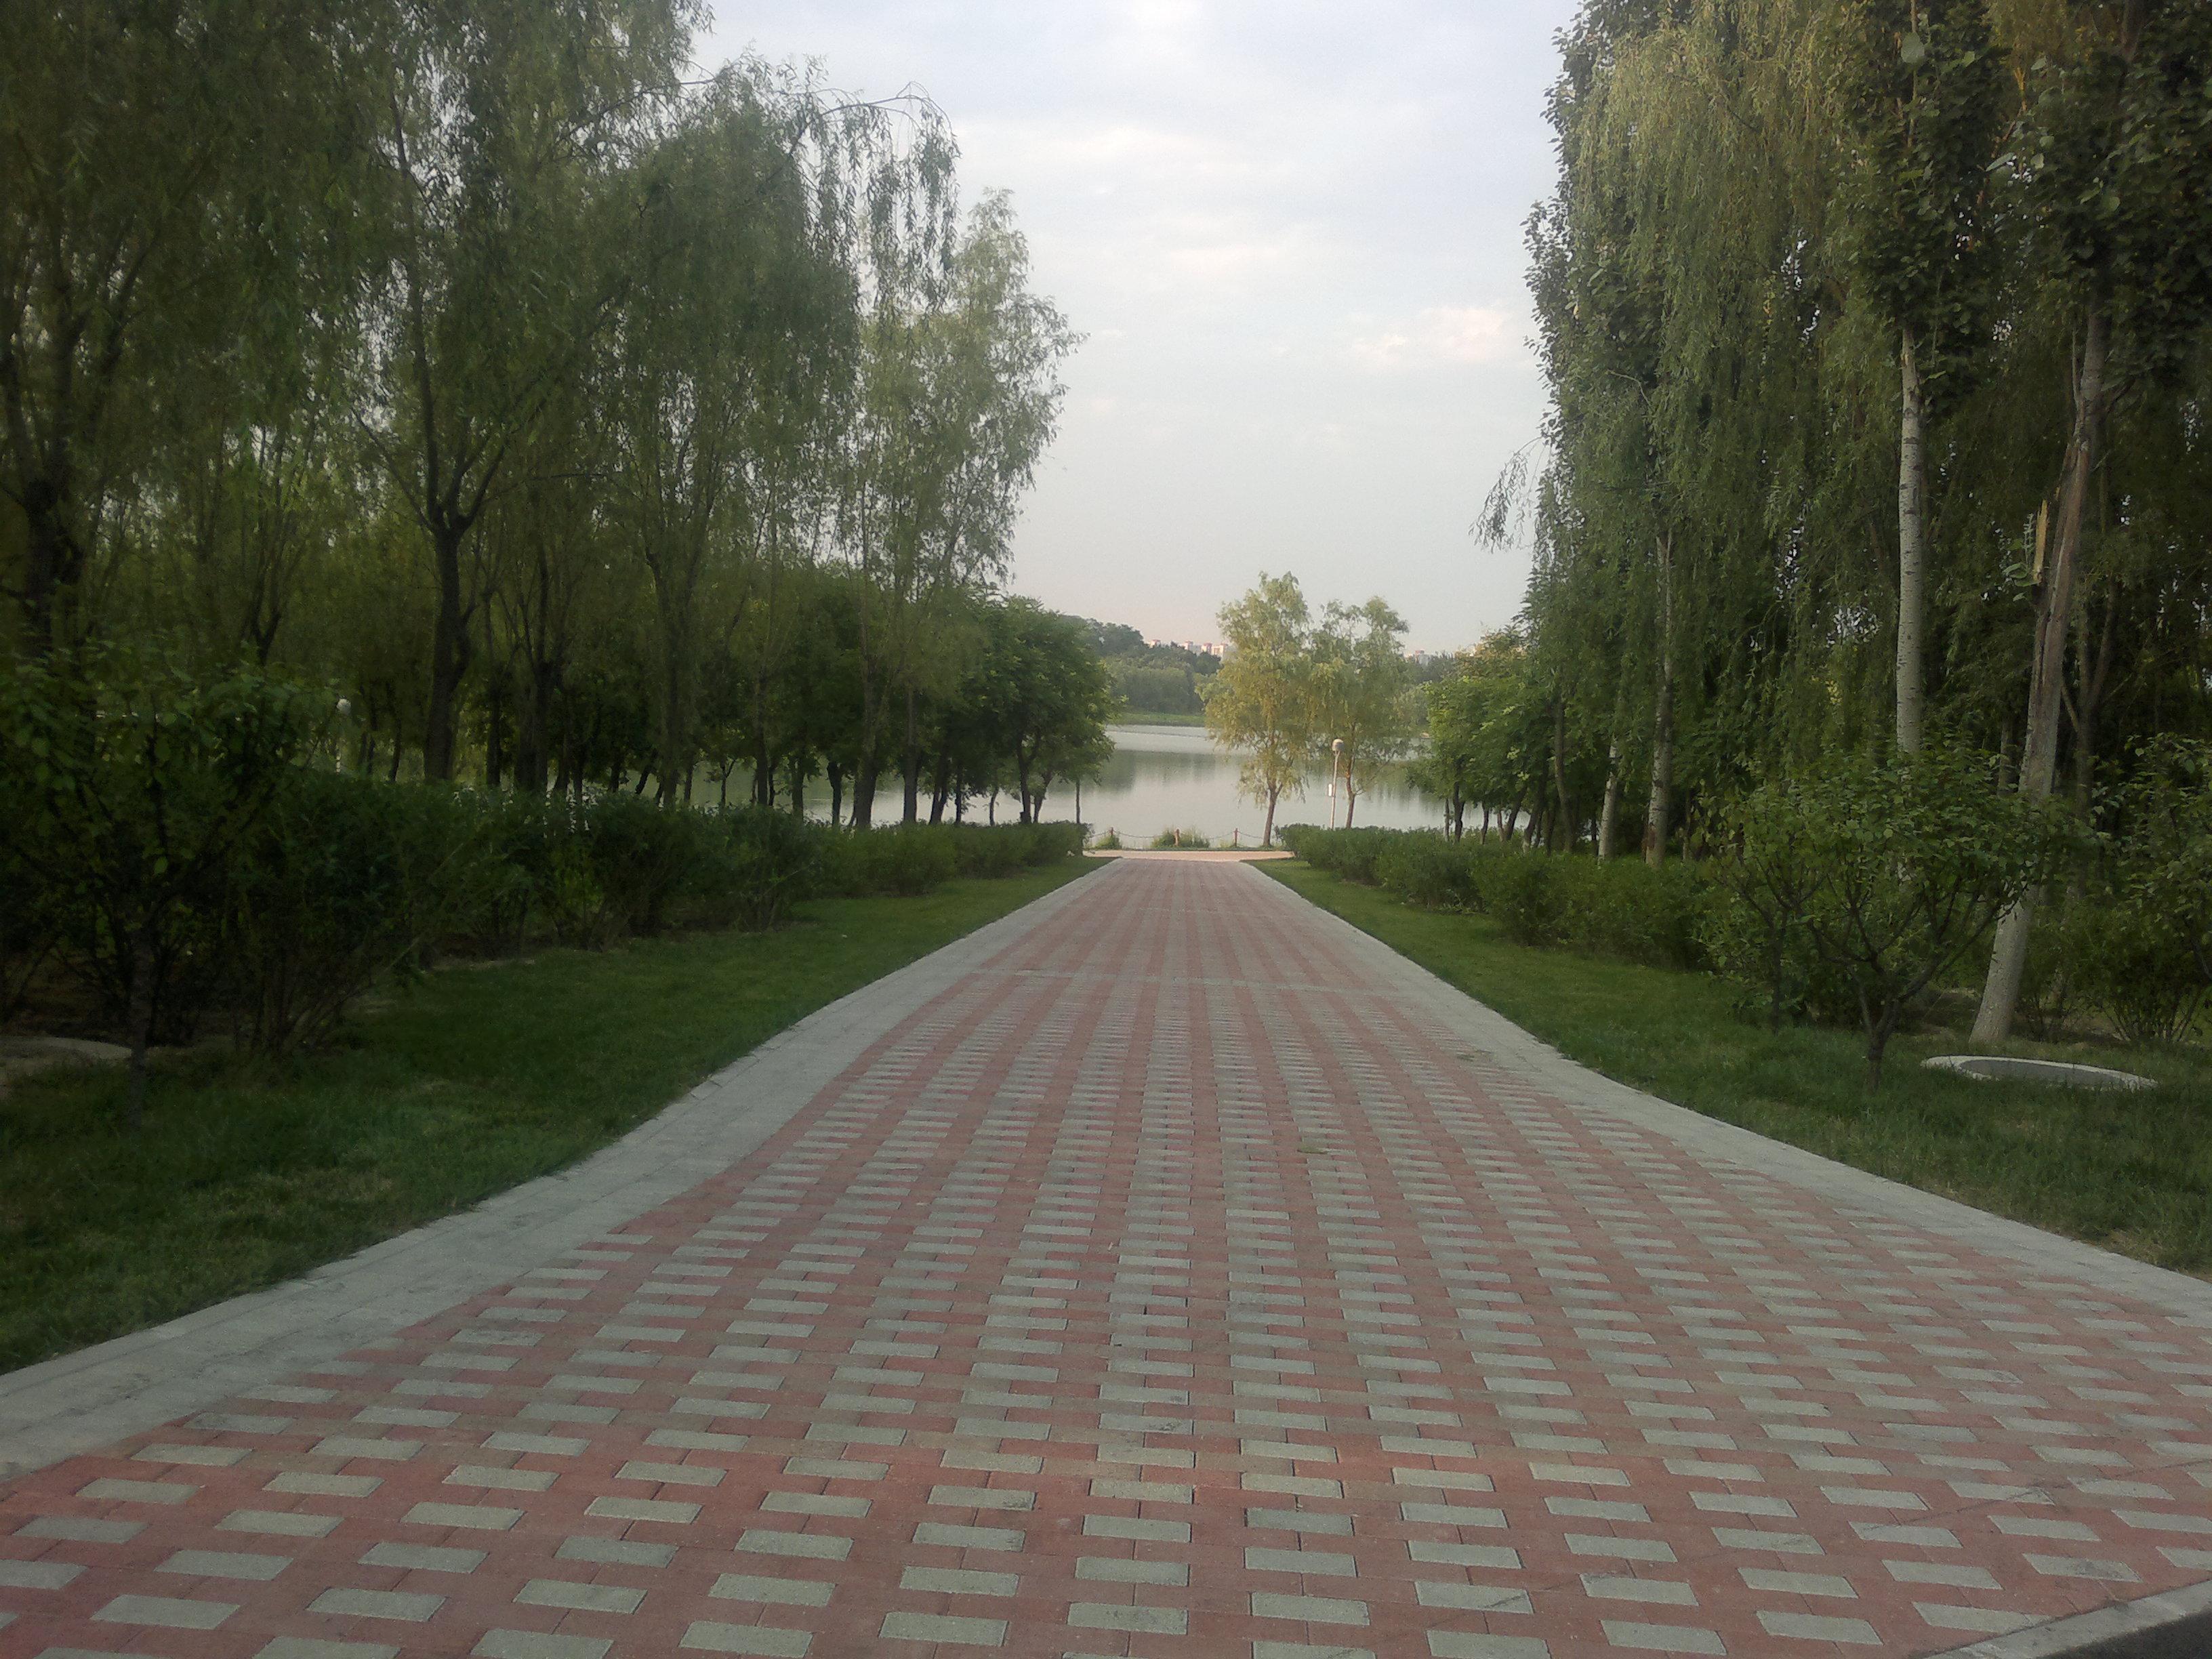 北京市奥林匹克森林公园 - 案例信息 - 河南省现代